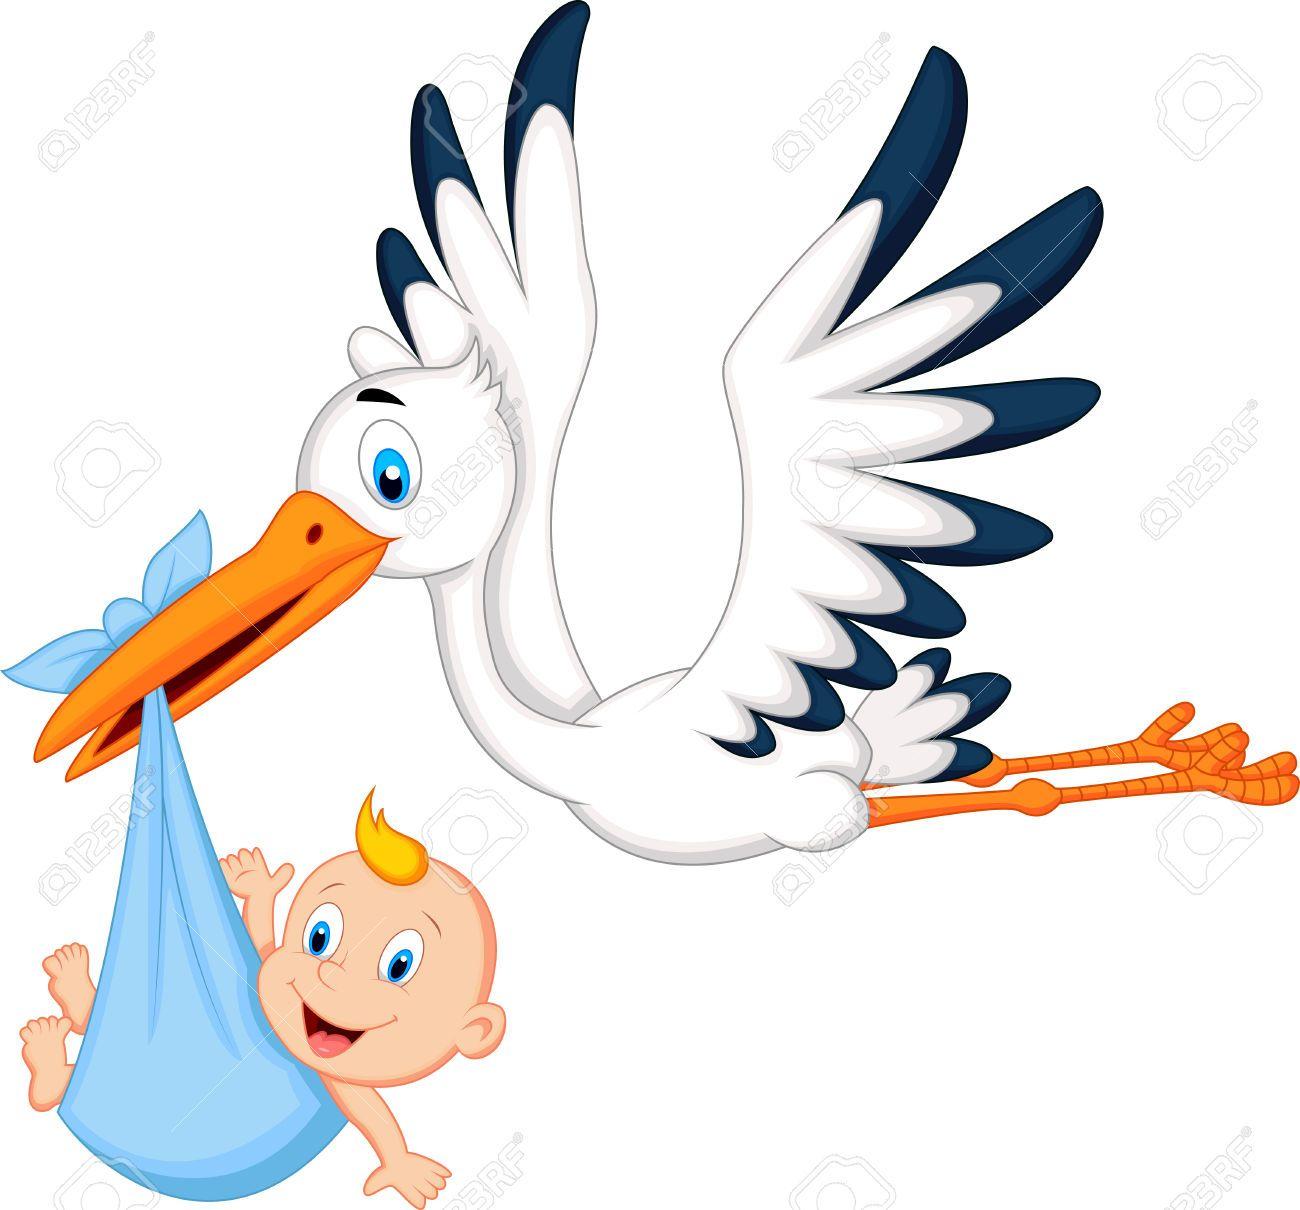 Baby Shower Stork Clipart.